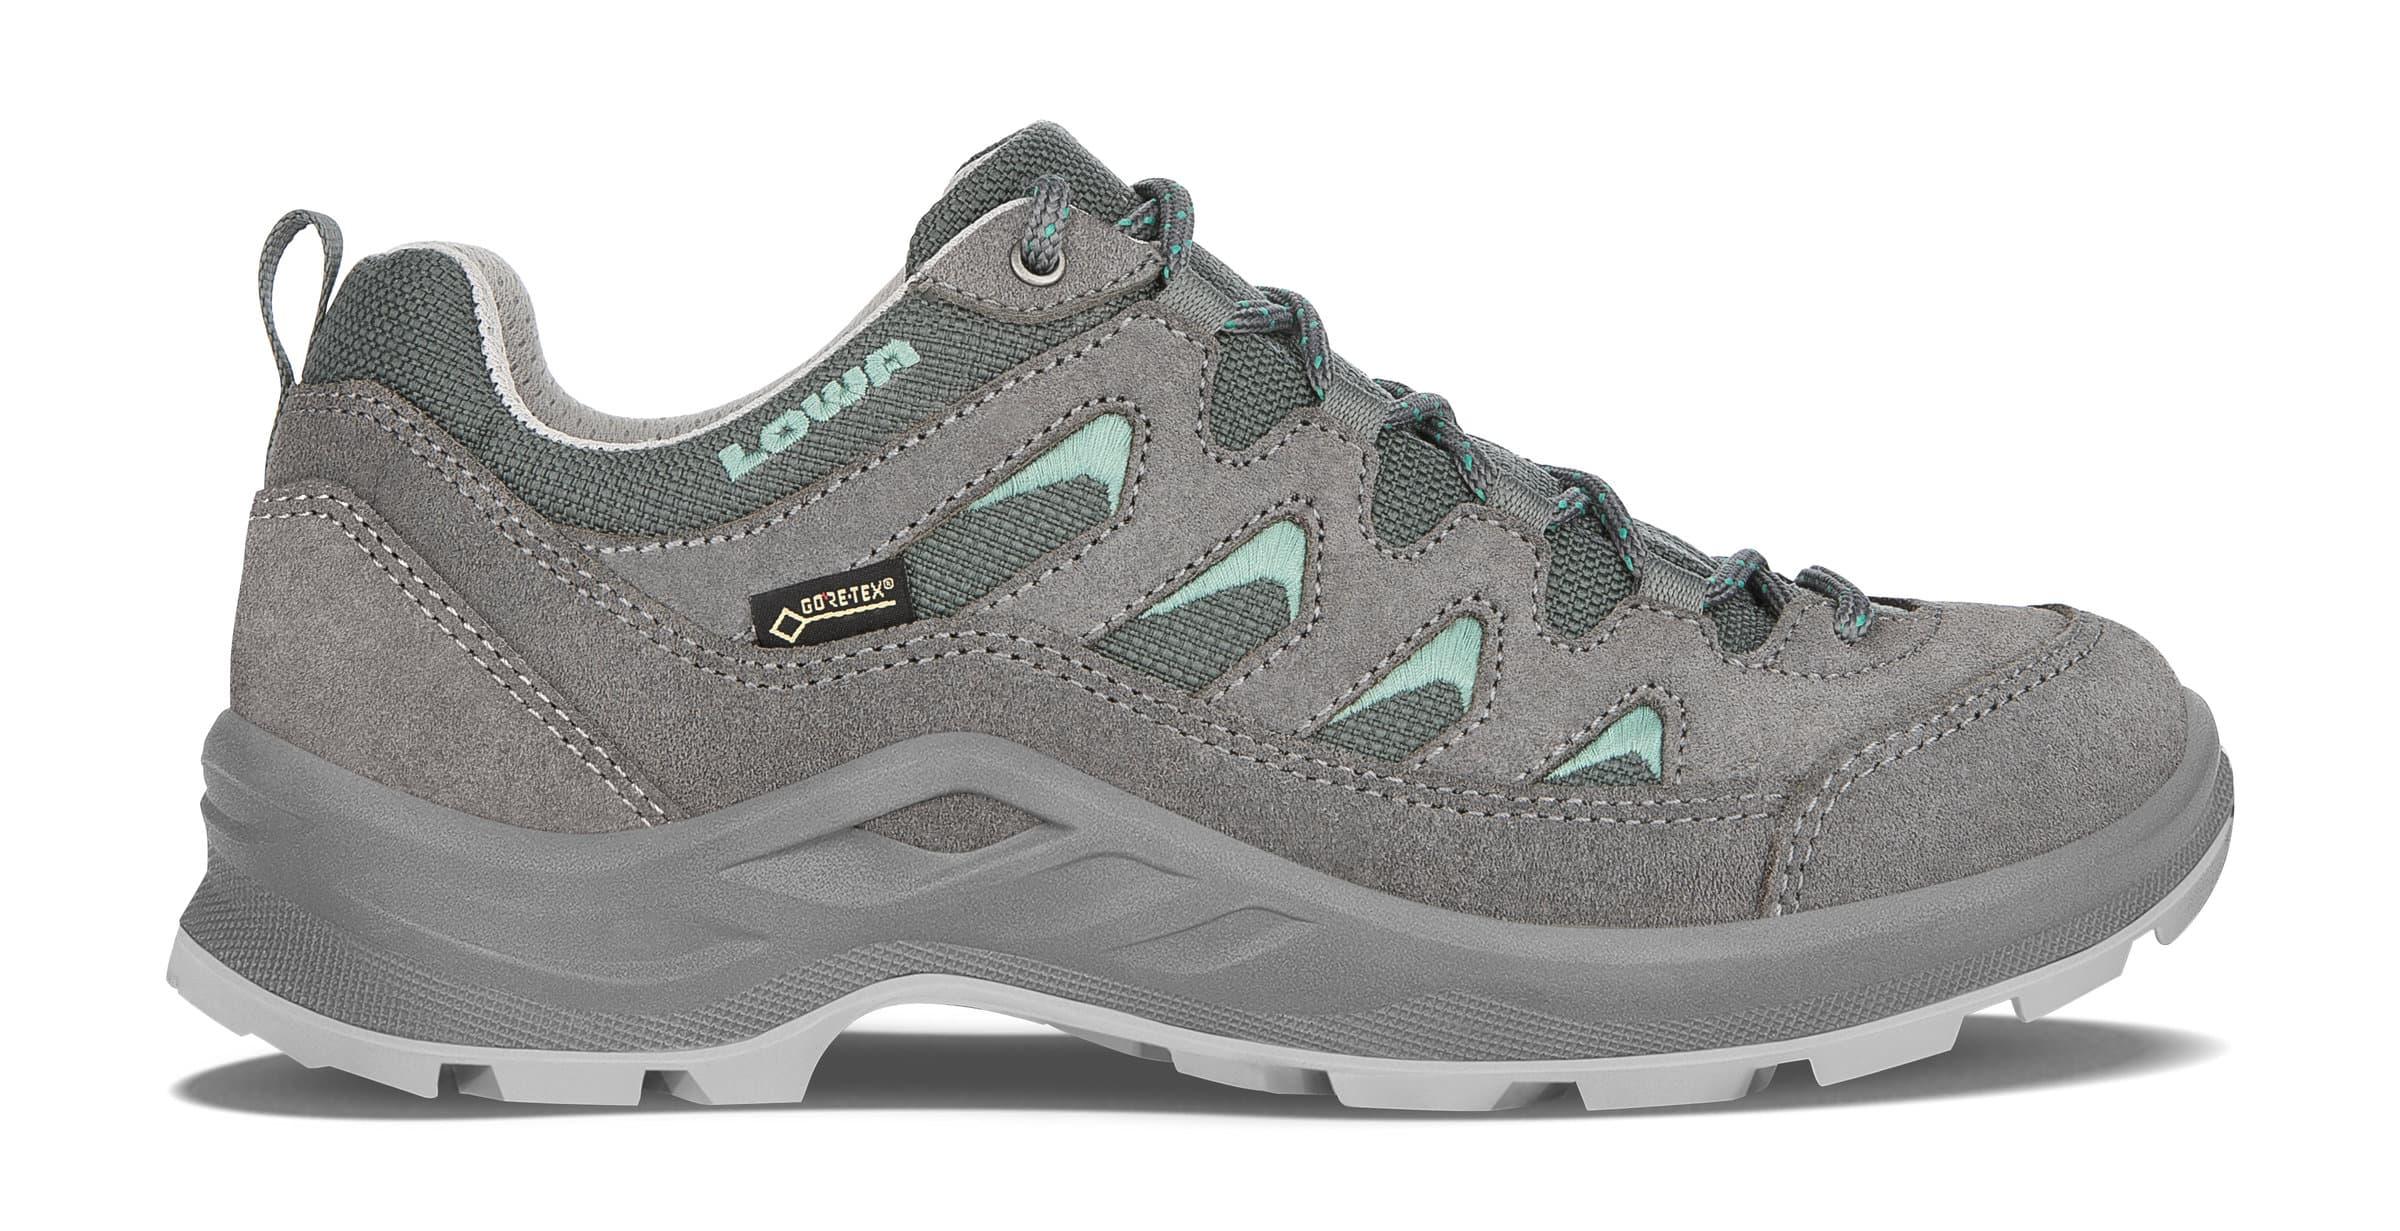 Lowa Levante GTX Lo Chaussures polyvalentes pour femme